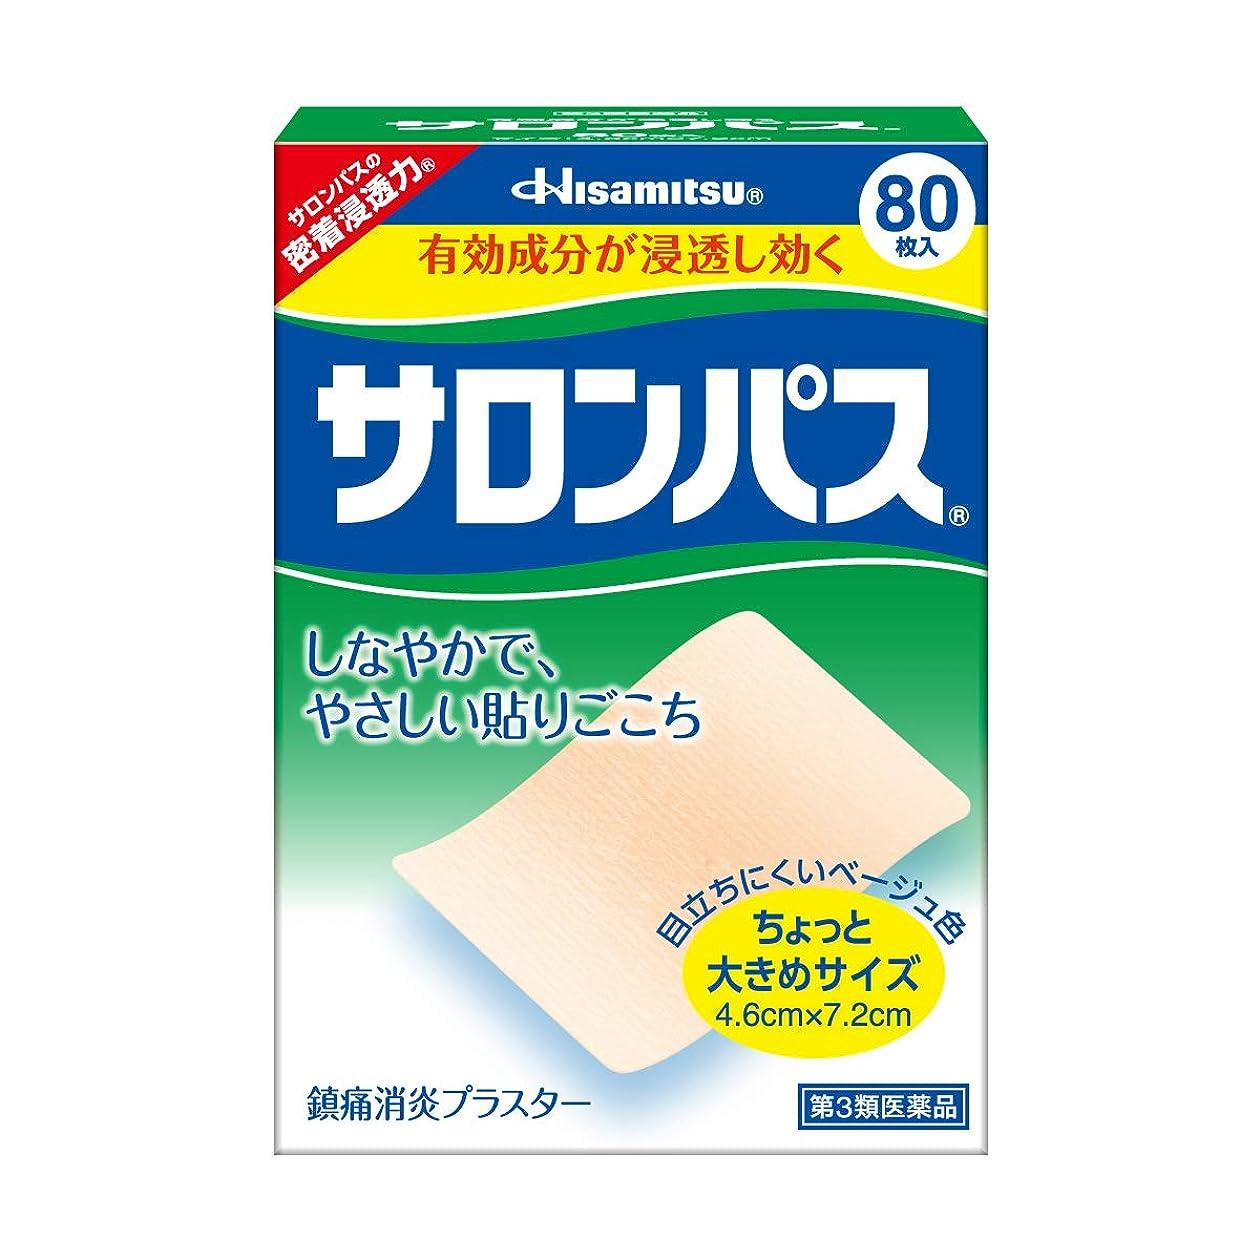 間違い関係するコンパイル【第3類医薬品】サロンパス 80枚入